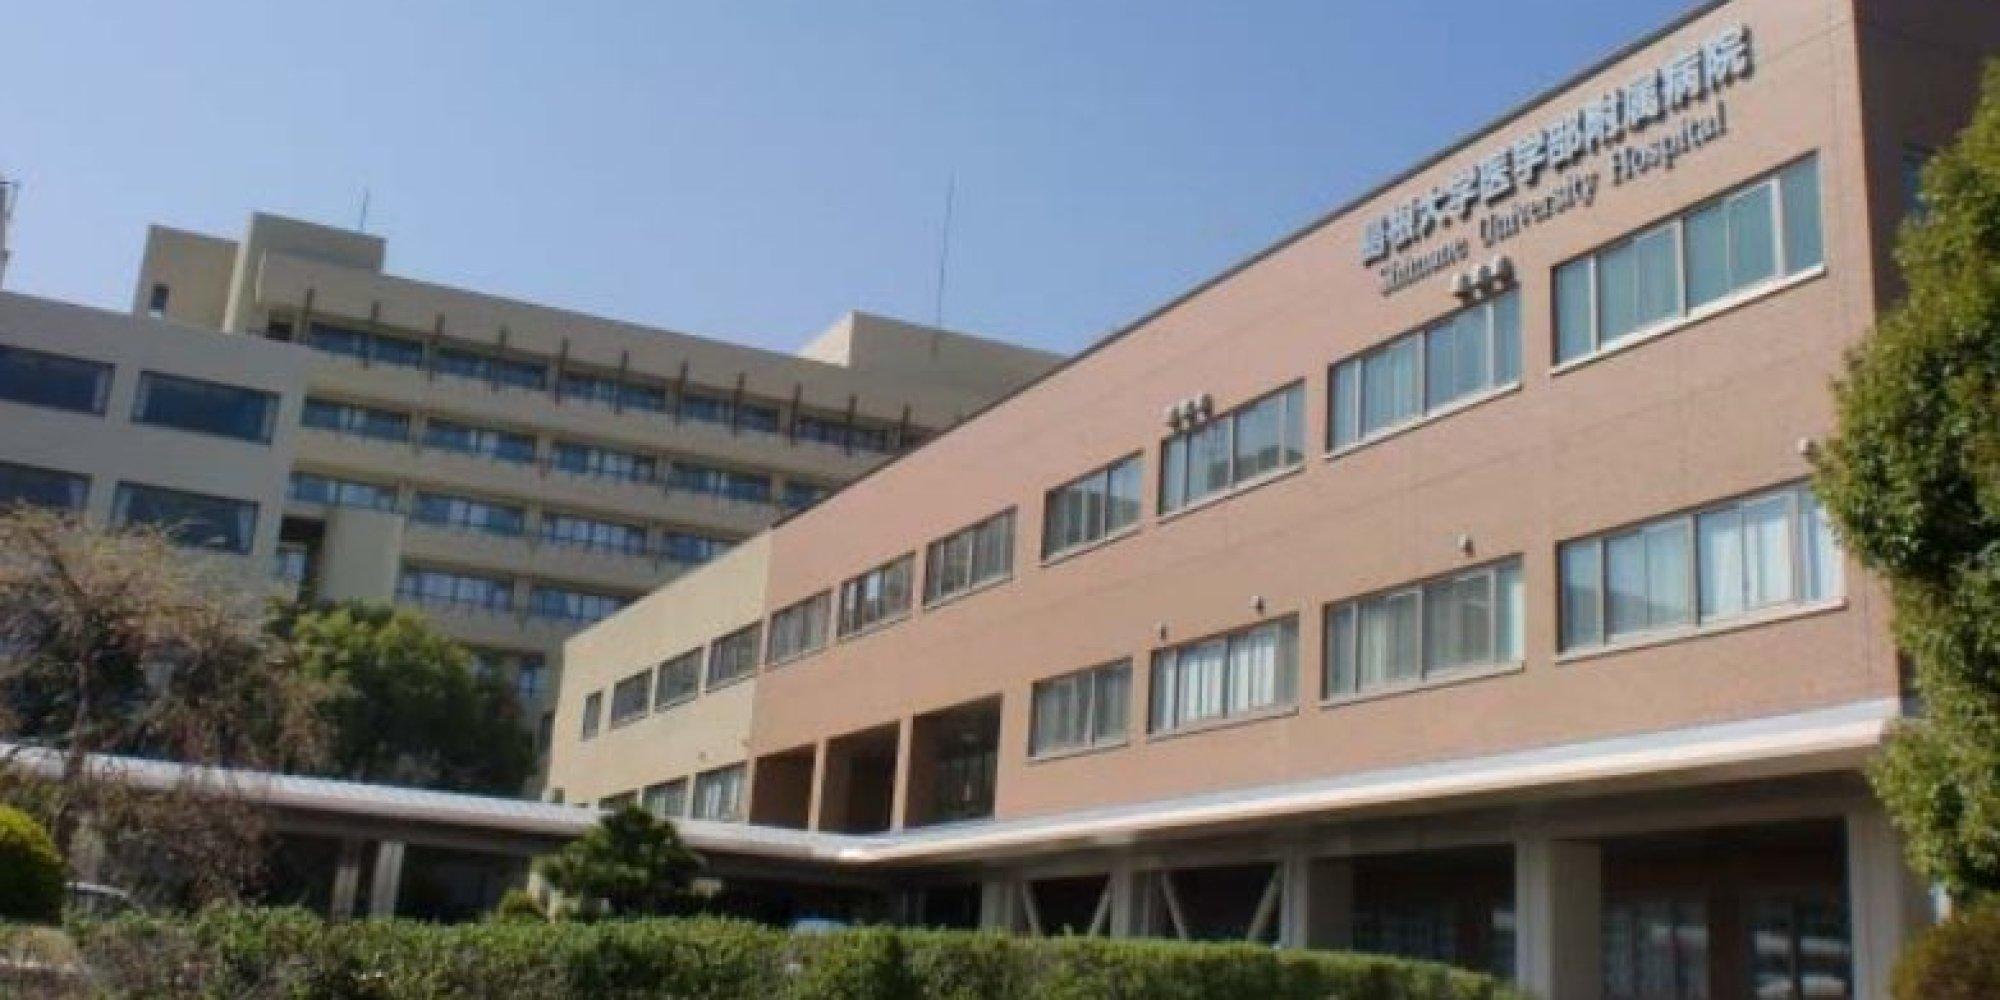 島根大医学部付属病院、0歳児の心臓手術に成功